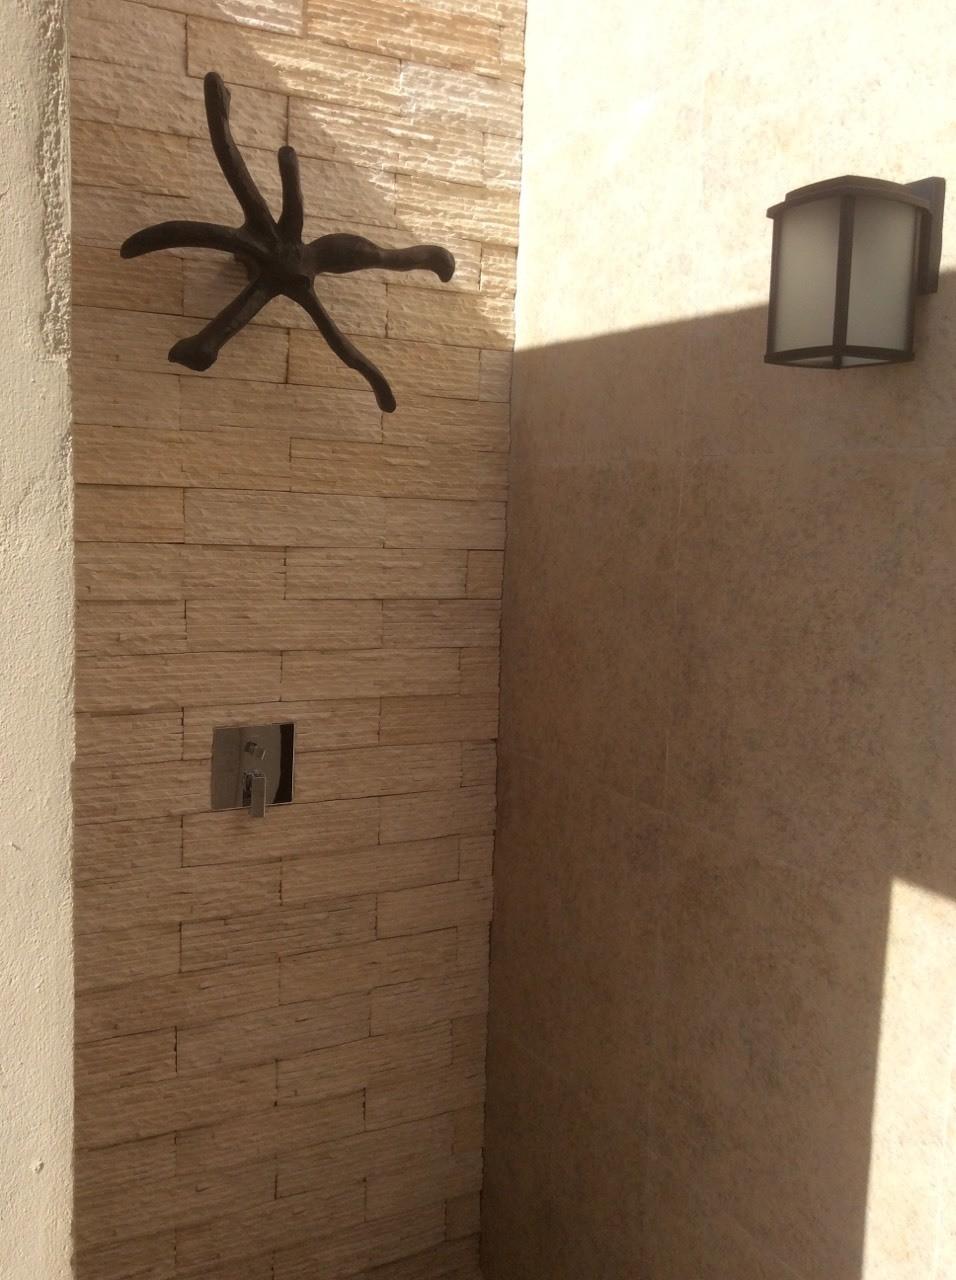 Outdoor shower in the Over Water Suites at El Dorado Maroma